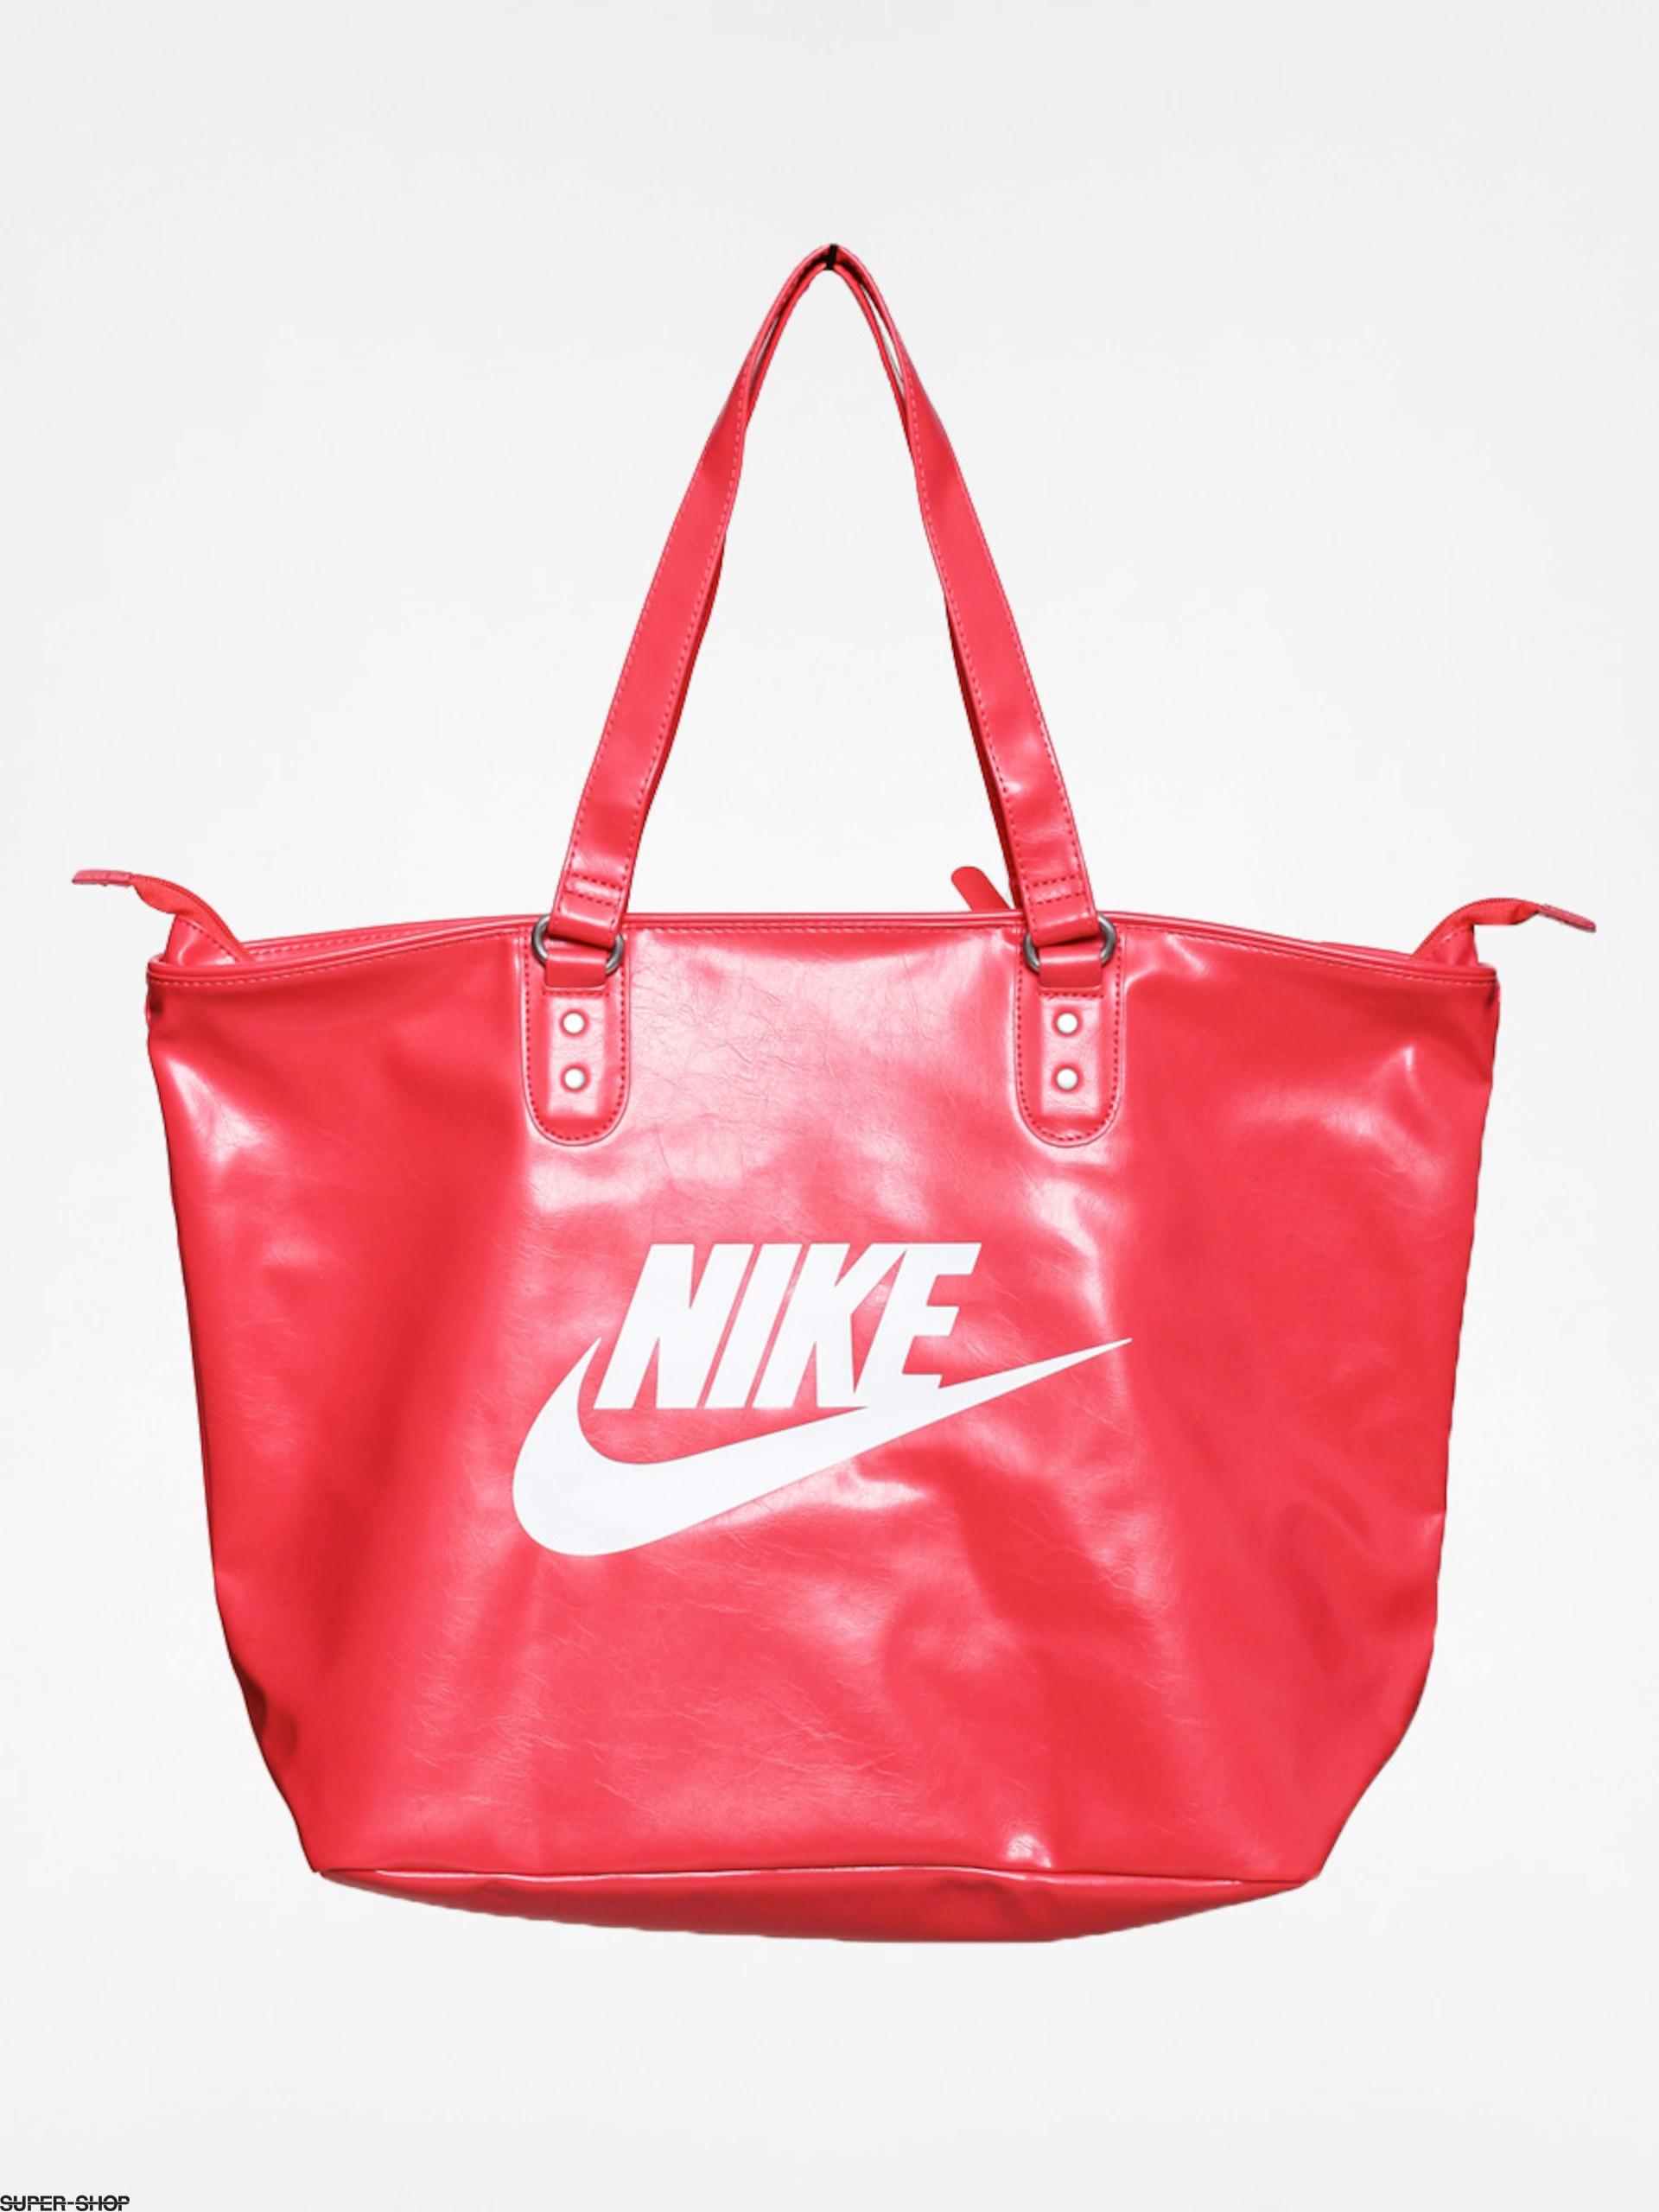 777395c62083 707592-w1920-nike-bag-heritage-si-tote-wmn-pink.jpg